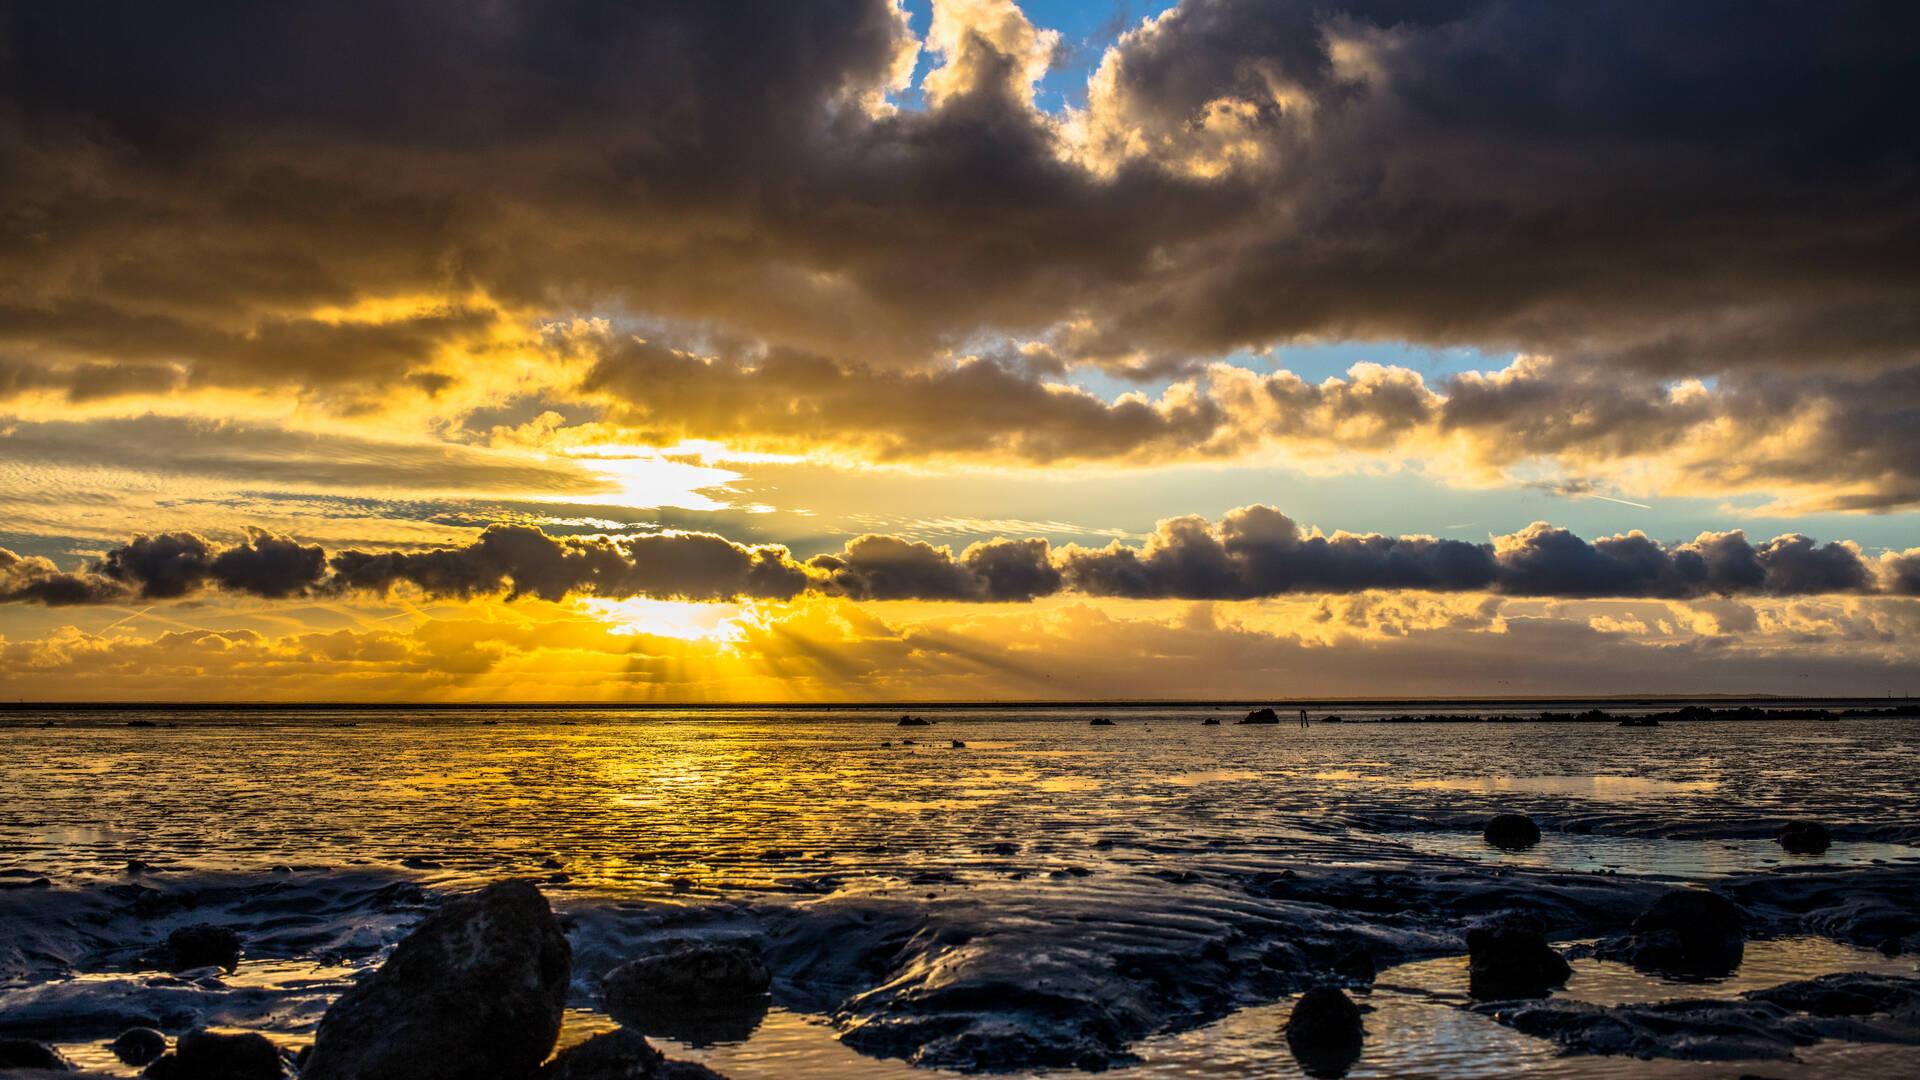 Coucher de soleil sur l'estuaire de la Charente ©Images&Emotion